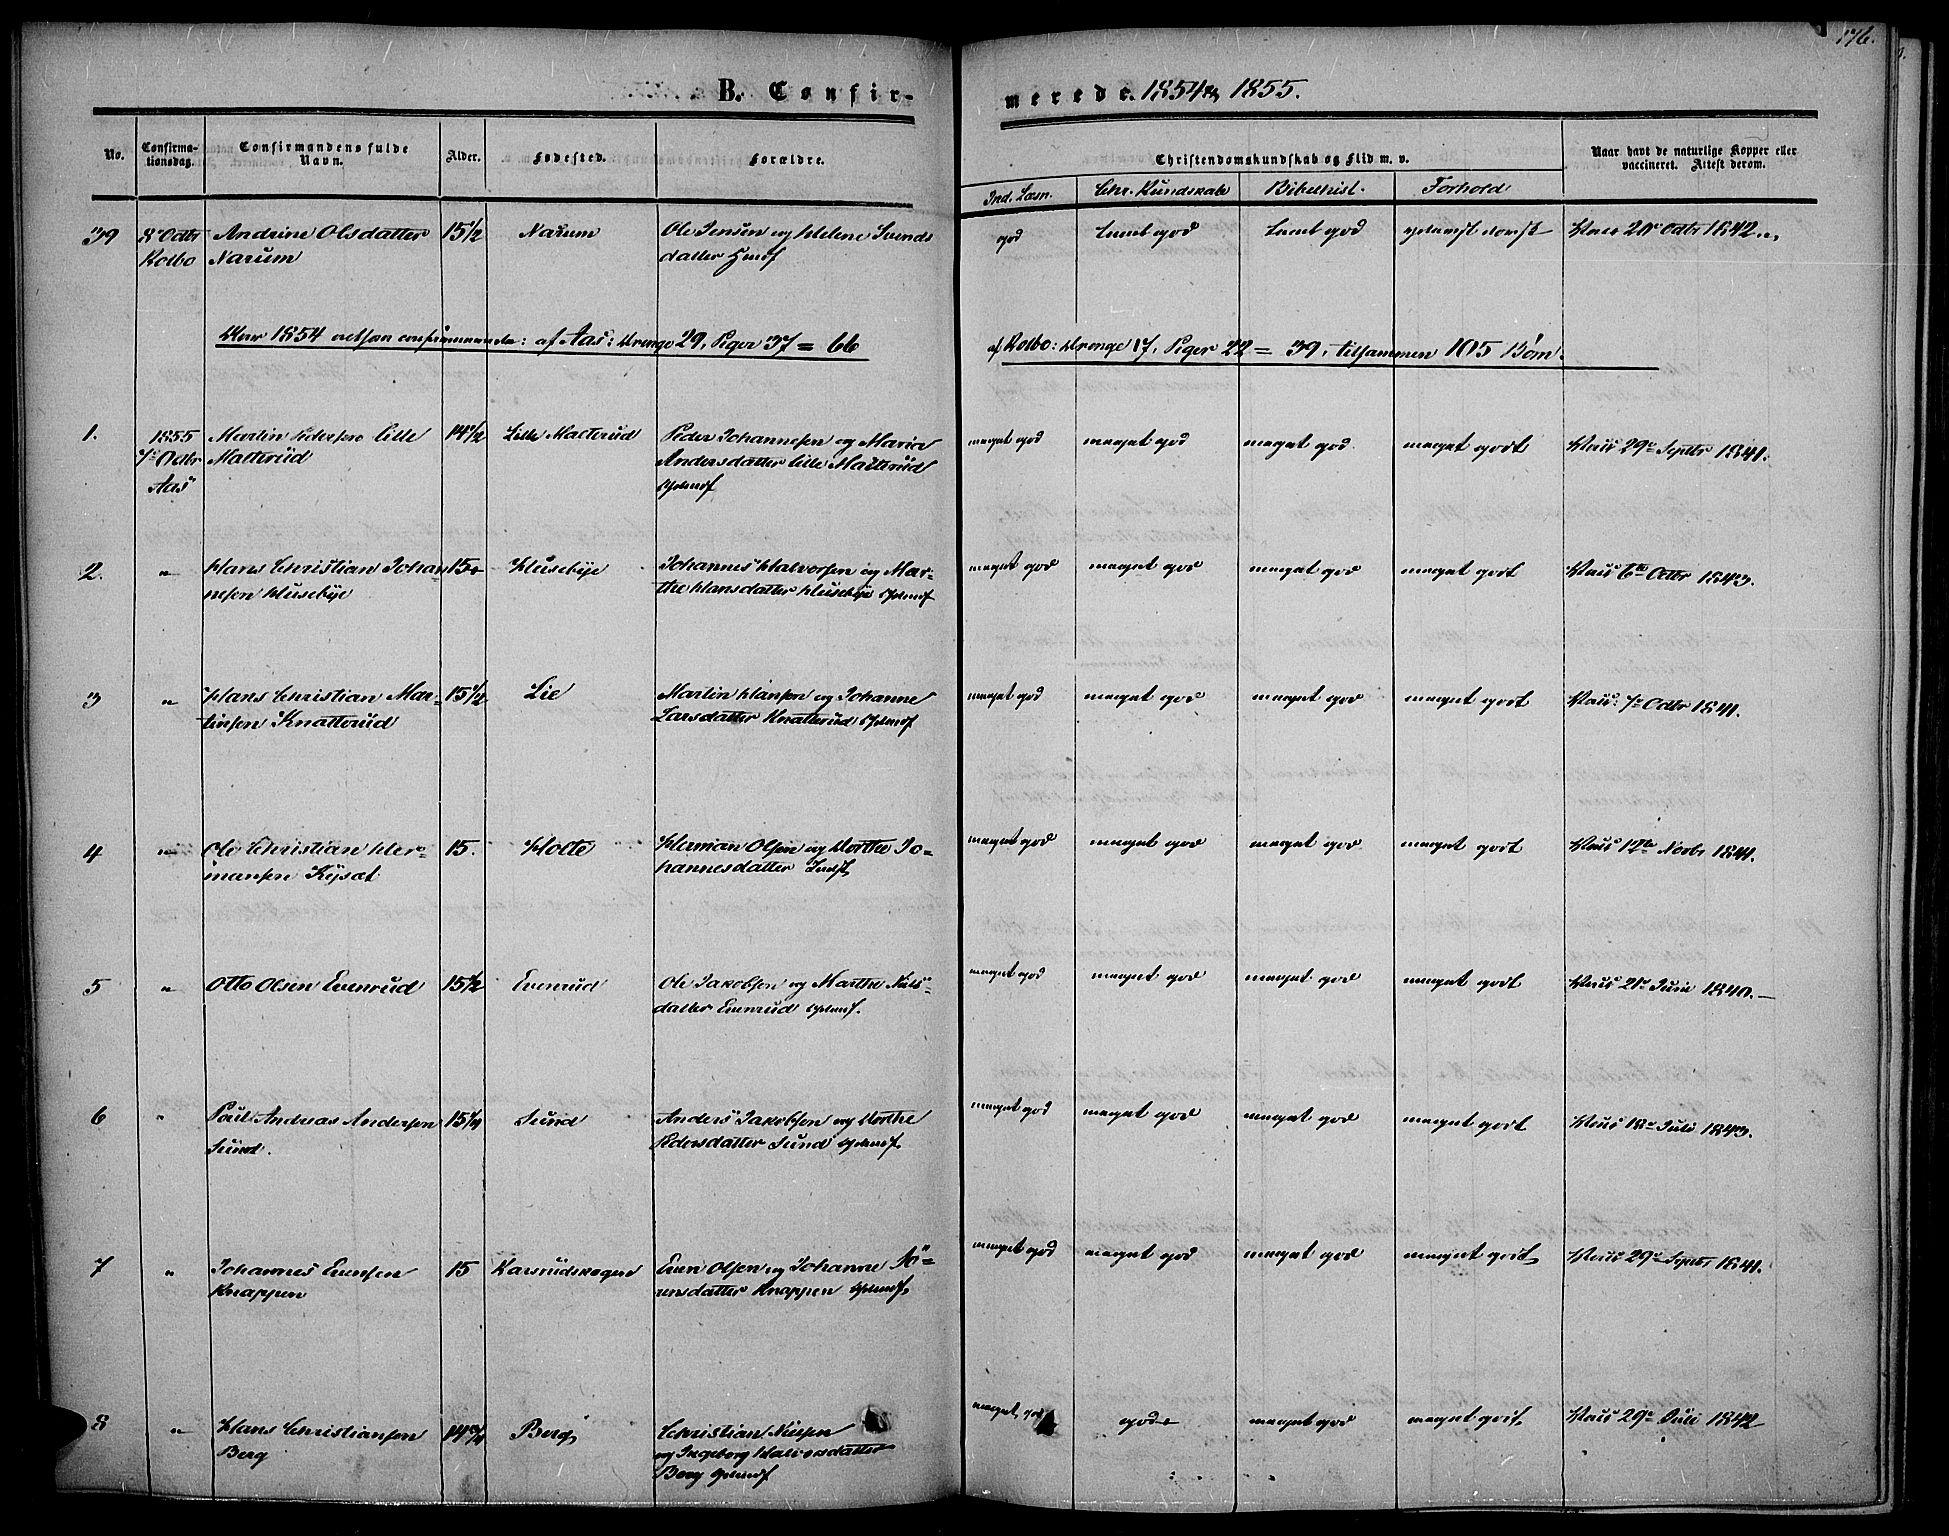 SAH, Vestre Toten prestekontor, Ministerialbok nr. 5, 1850-1855, s. 176